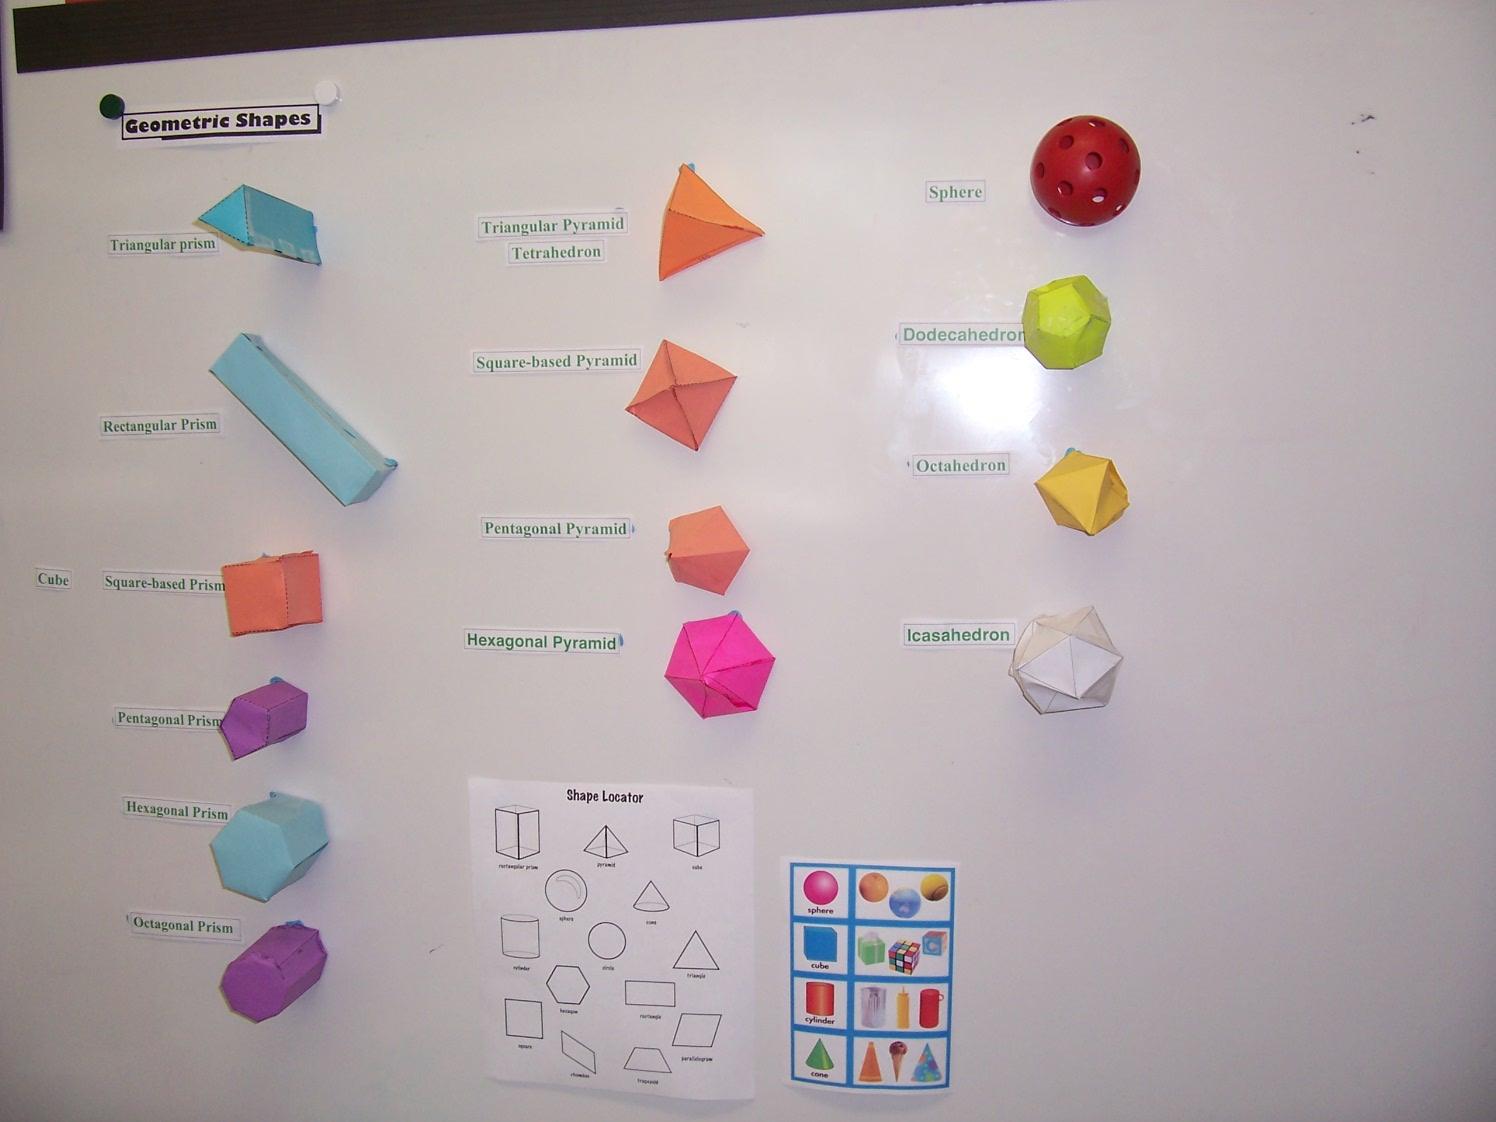 3d Shapes For Children 3d Puzzle Image